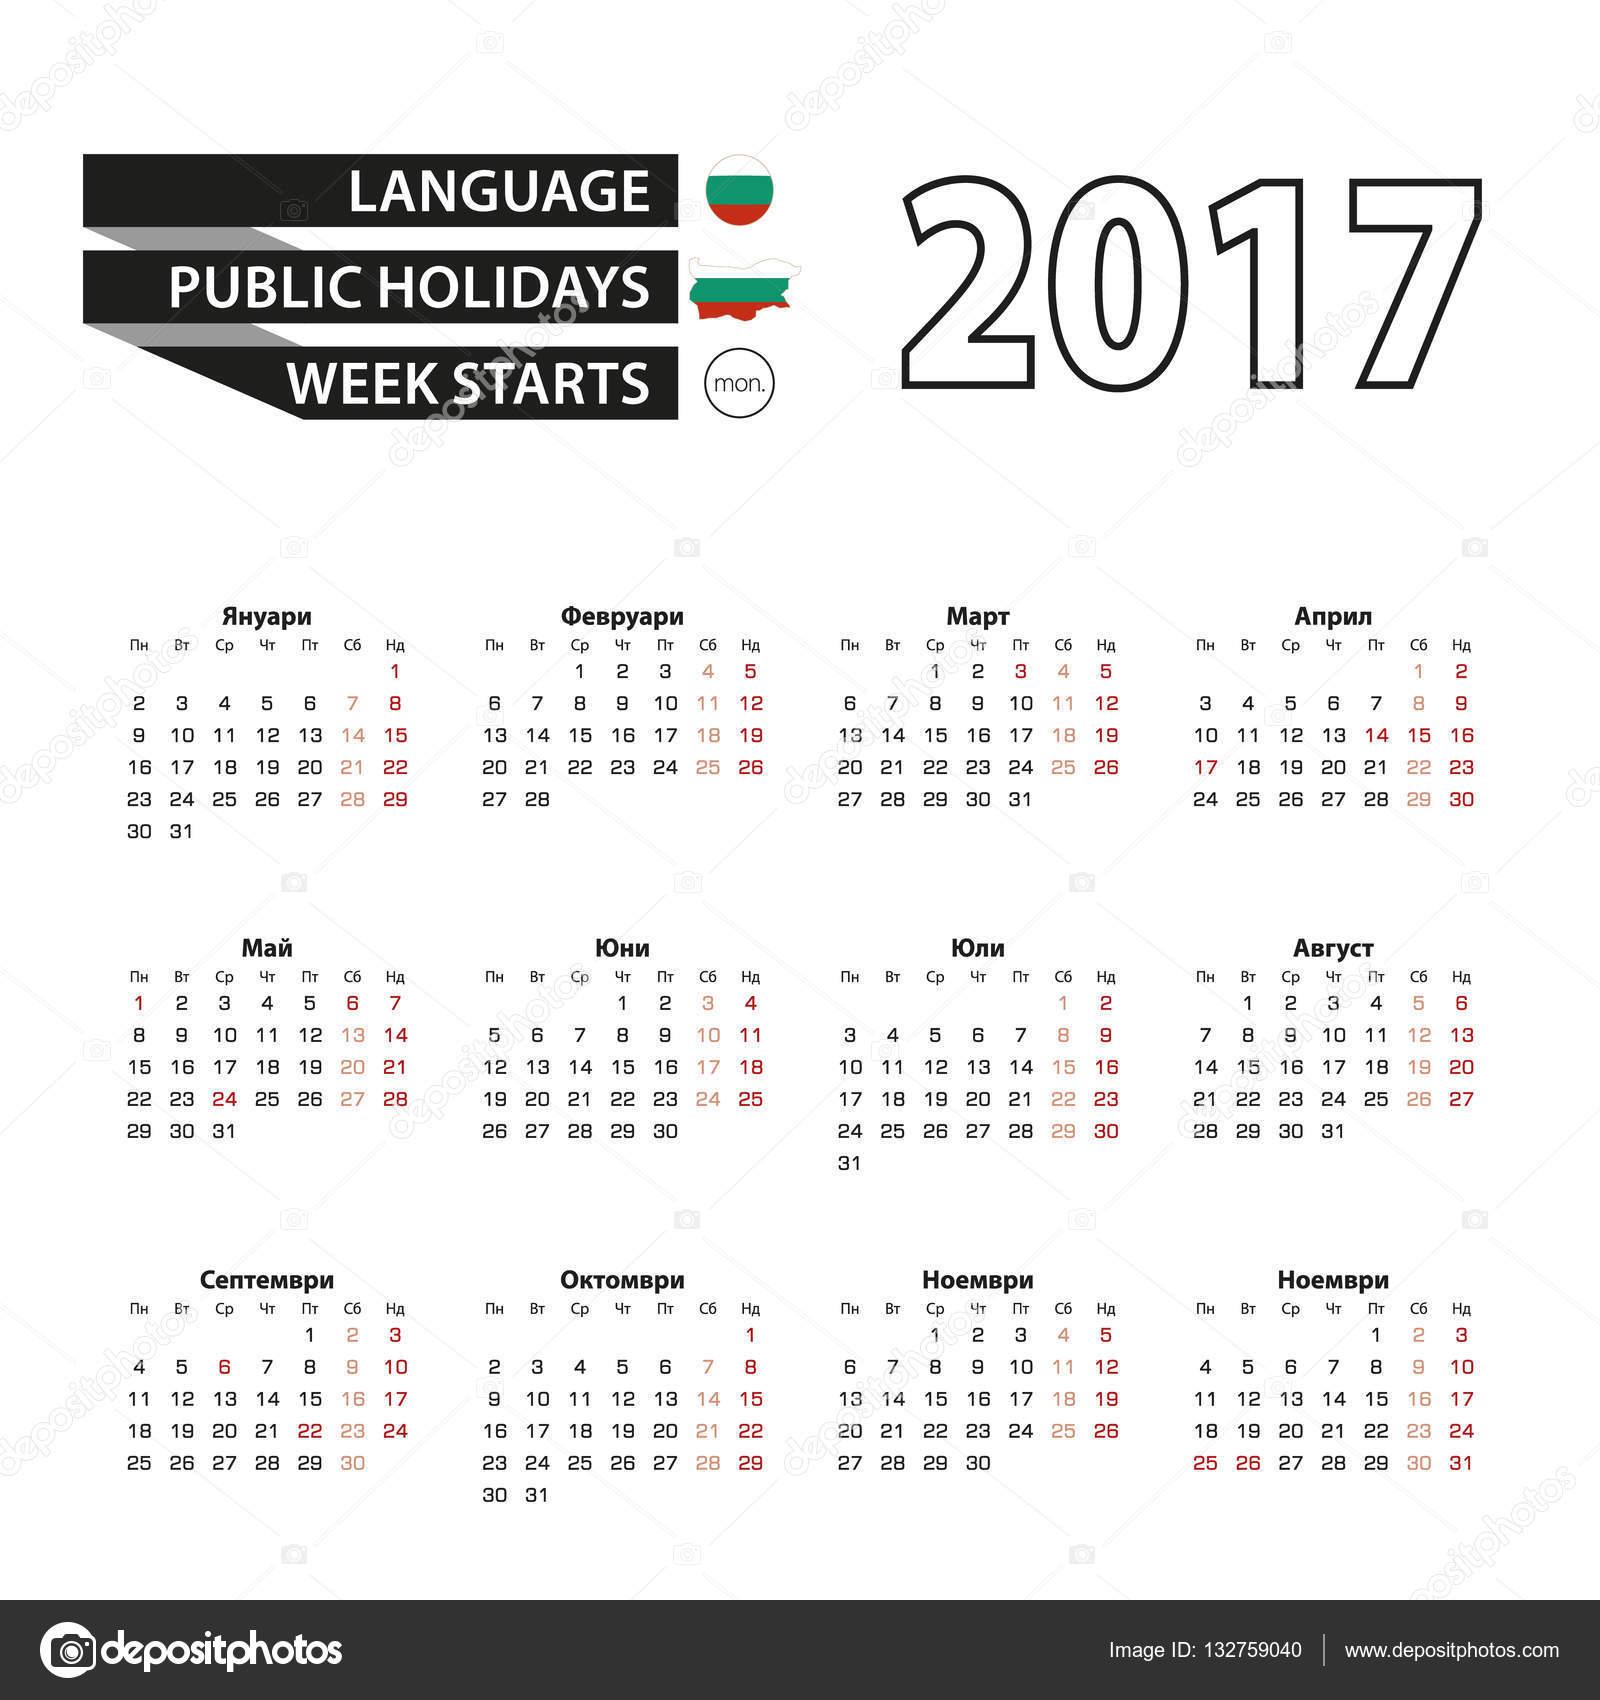 ブルガリア語暦 2017 年。2017 ...